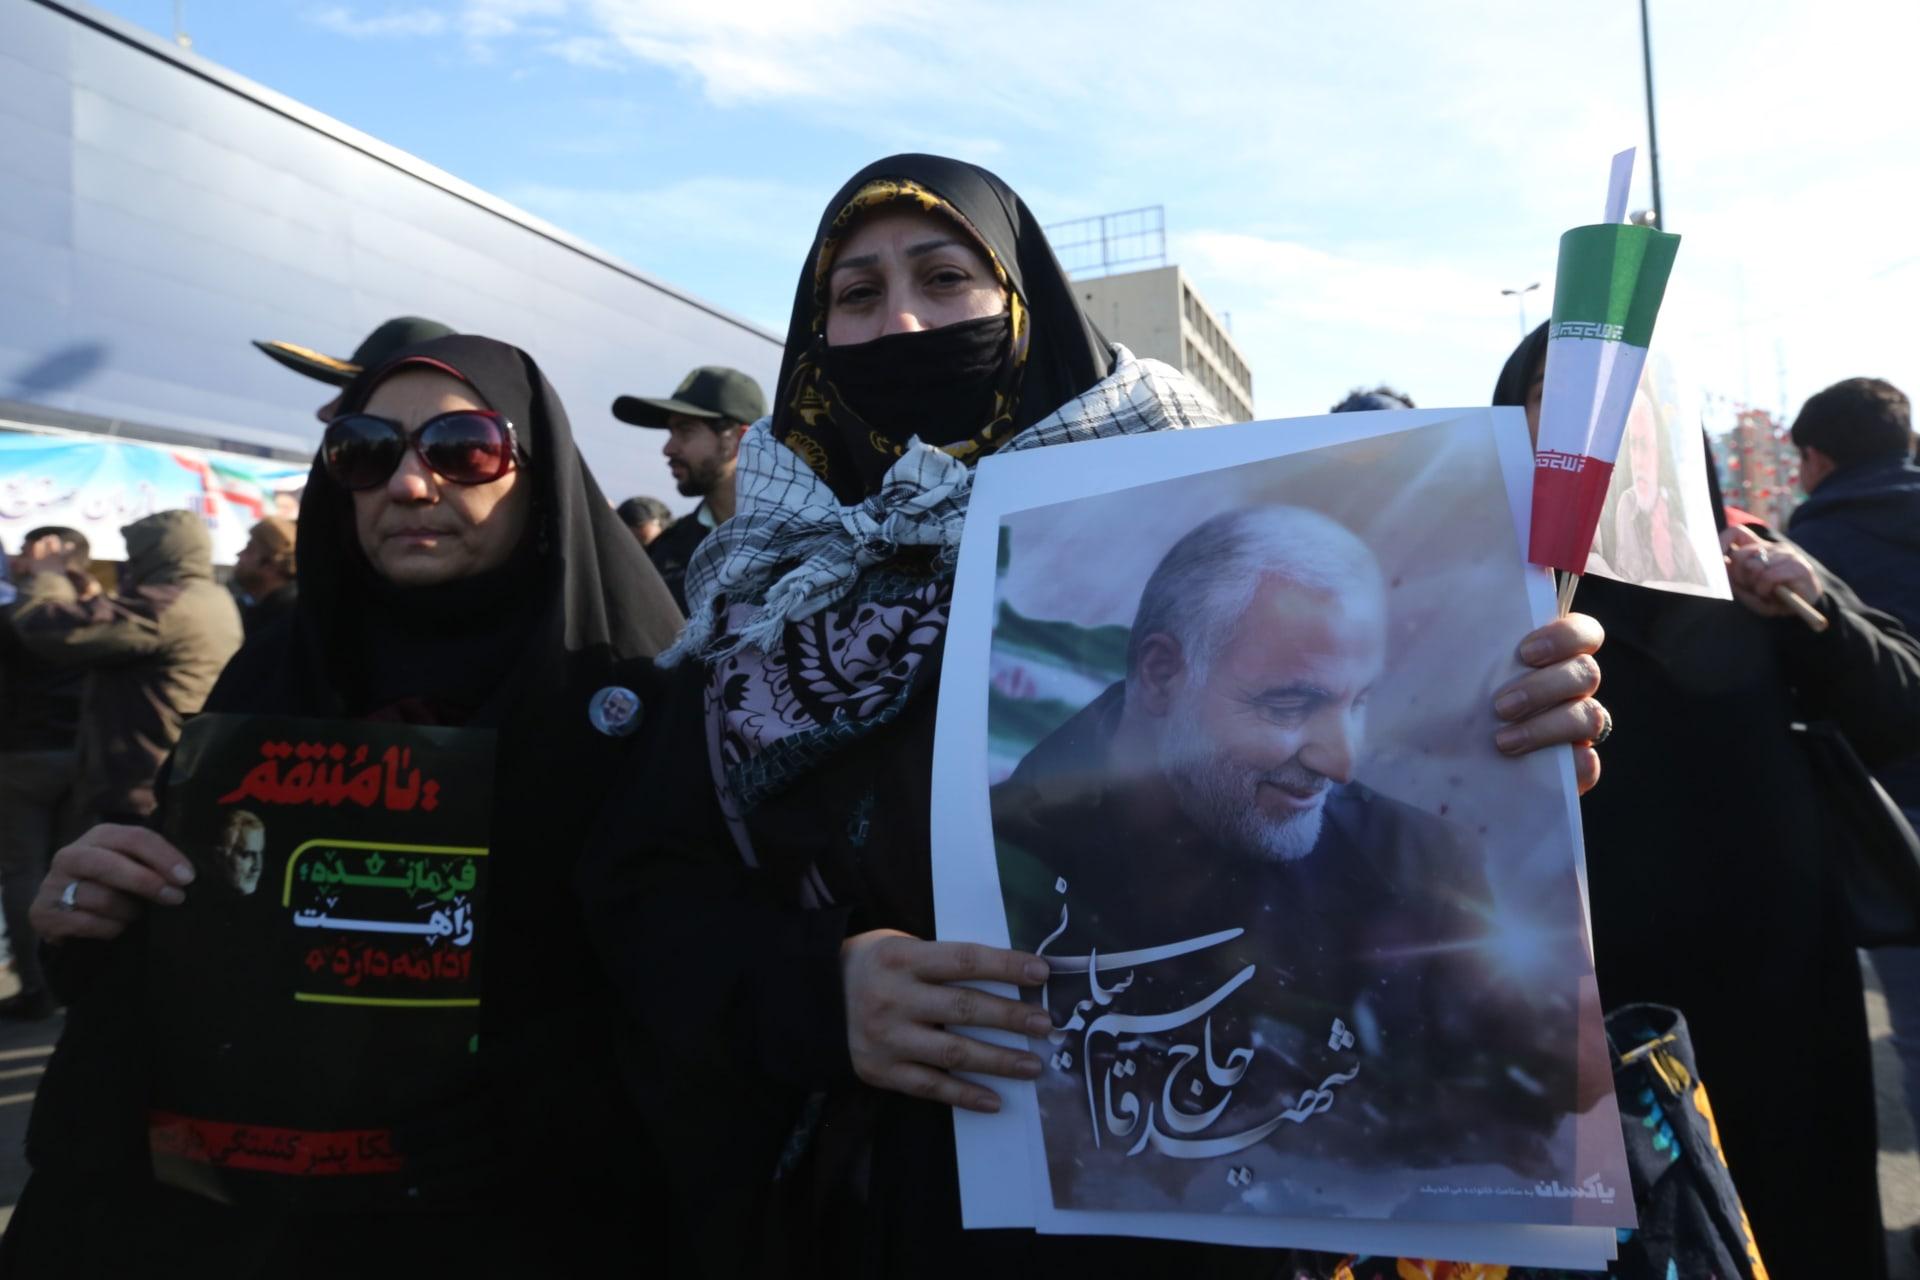 إيران:الحد الأدنى لمعاقبة أمريكا على قتل سليماني هو مغادرة العراق فورا